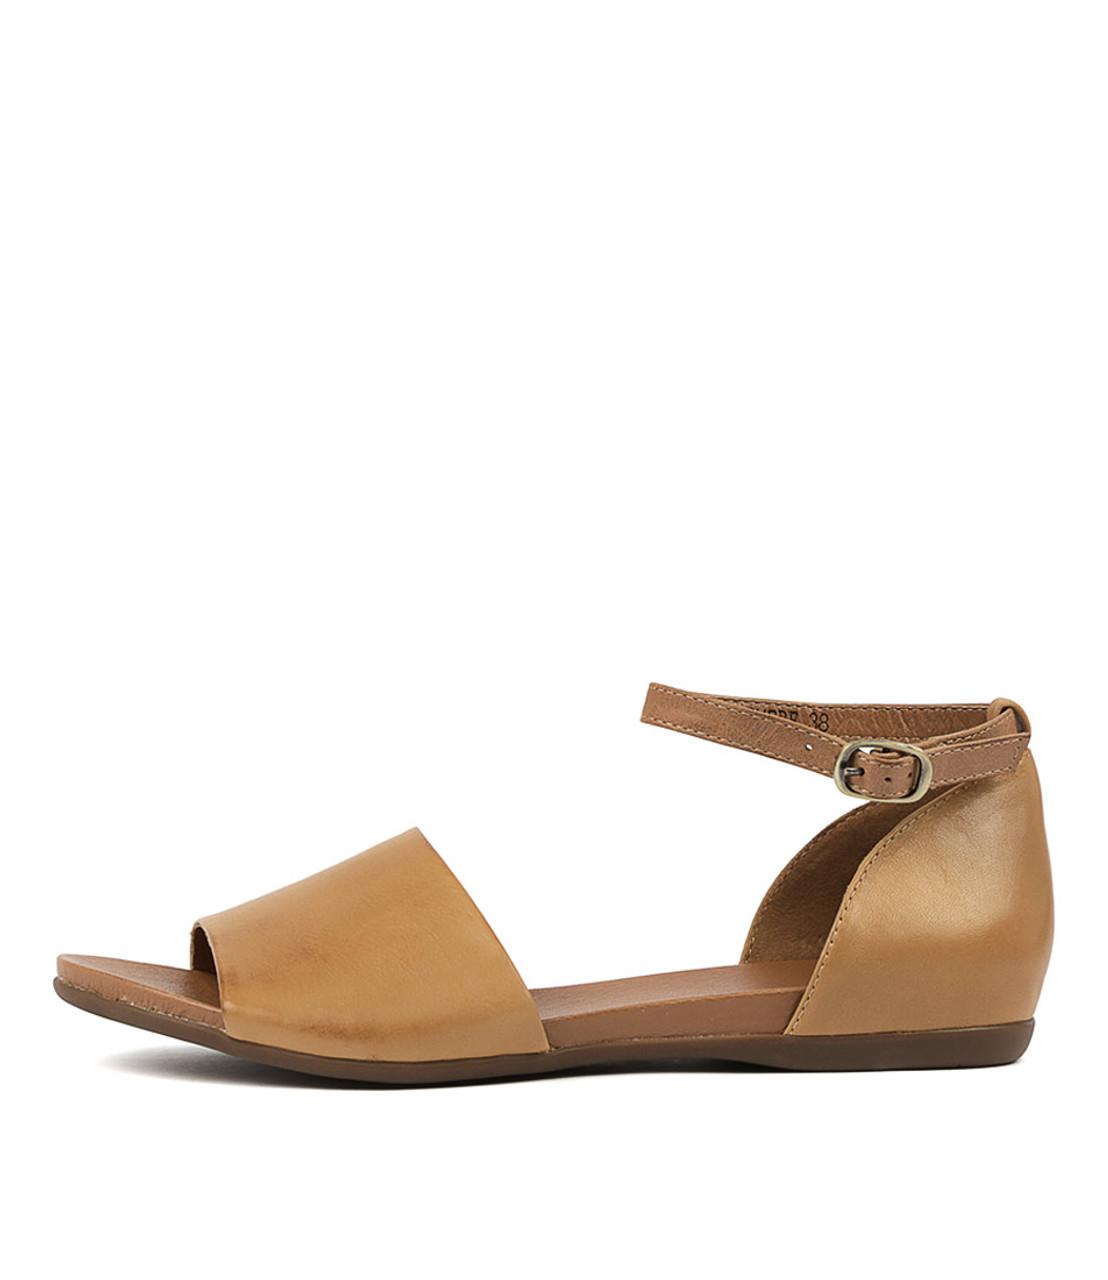 BIMERE Sandals Tan Dark Tan Leather Django and Juliette